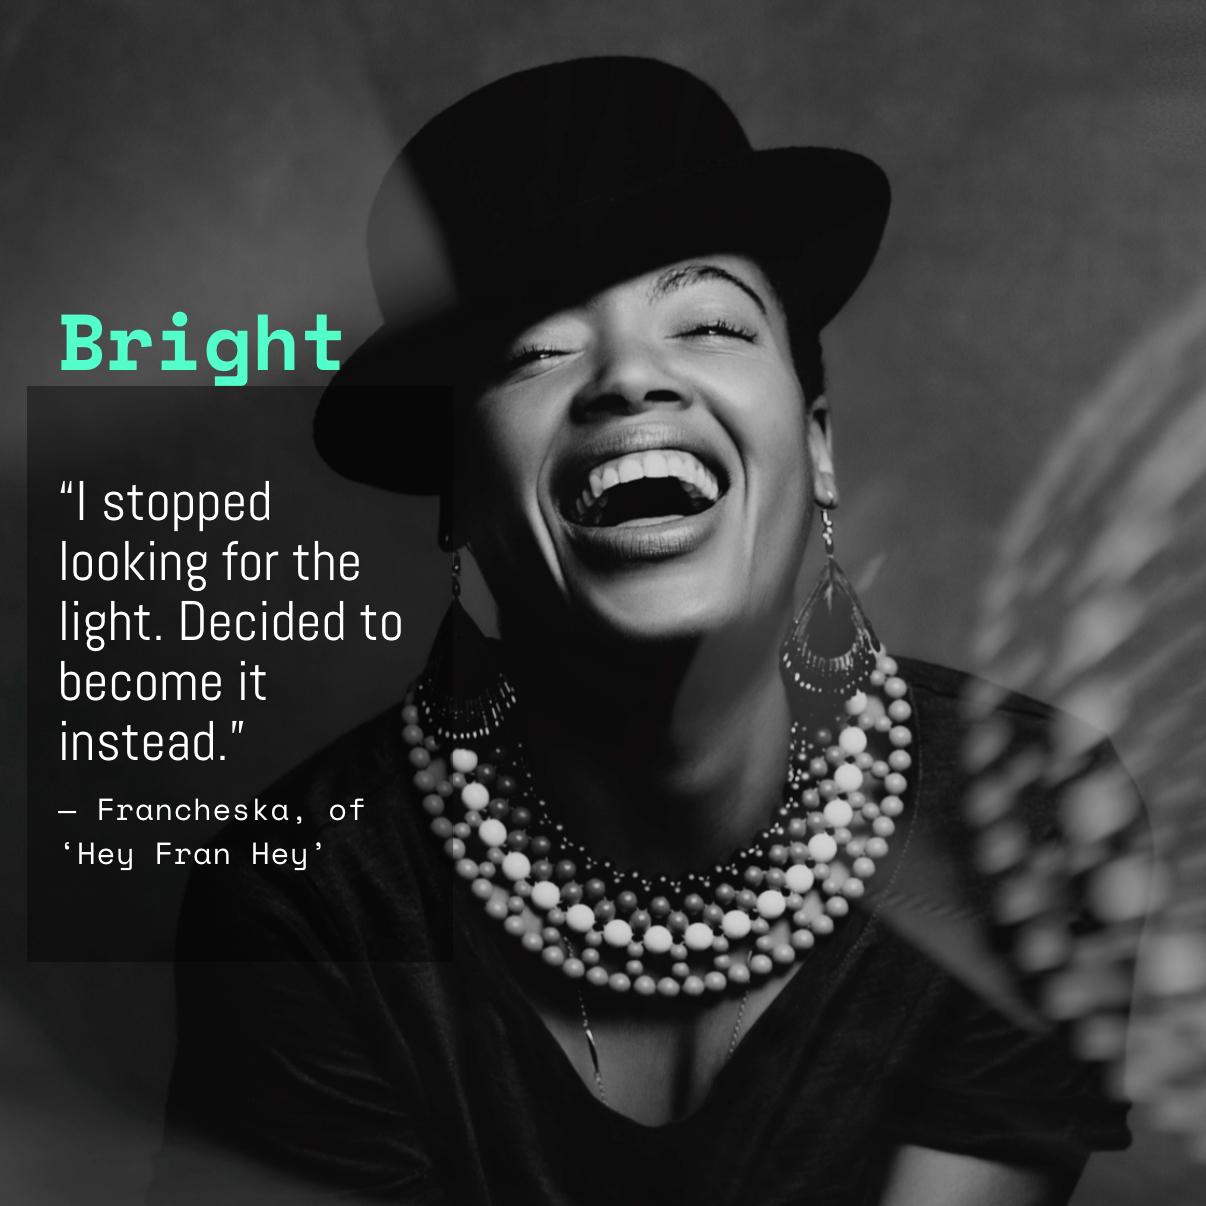 #bright